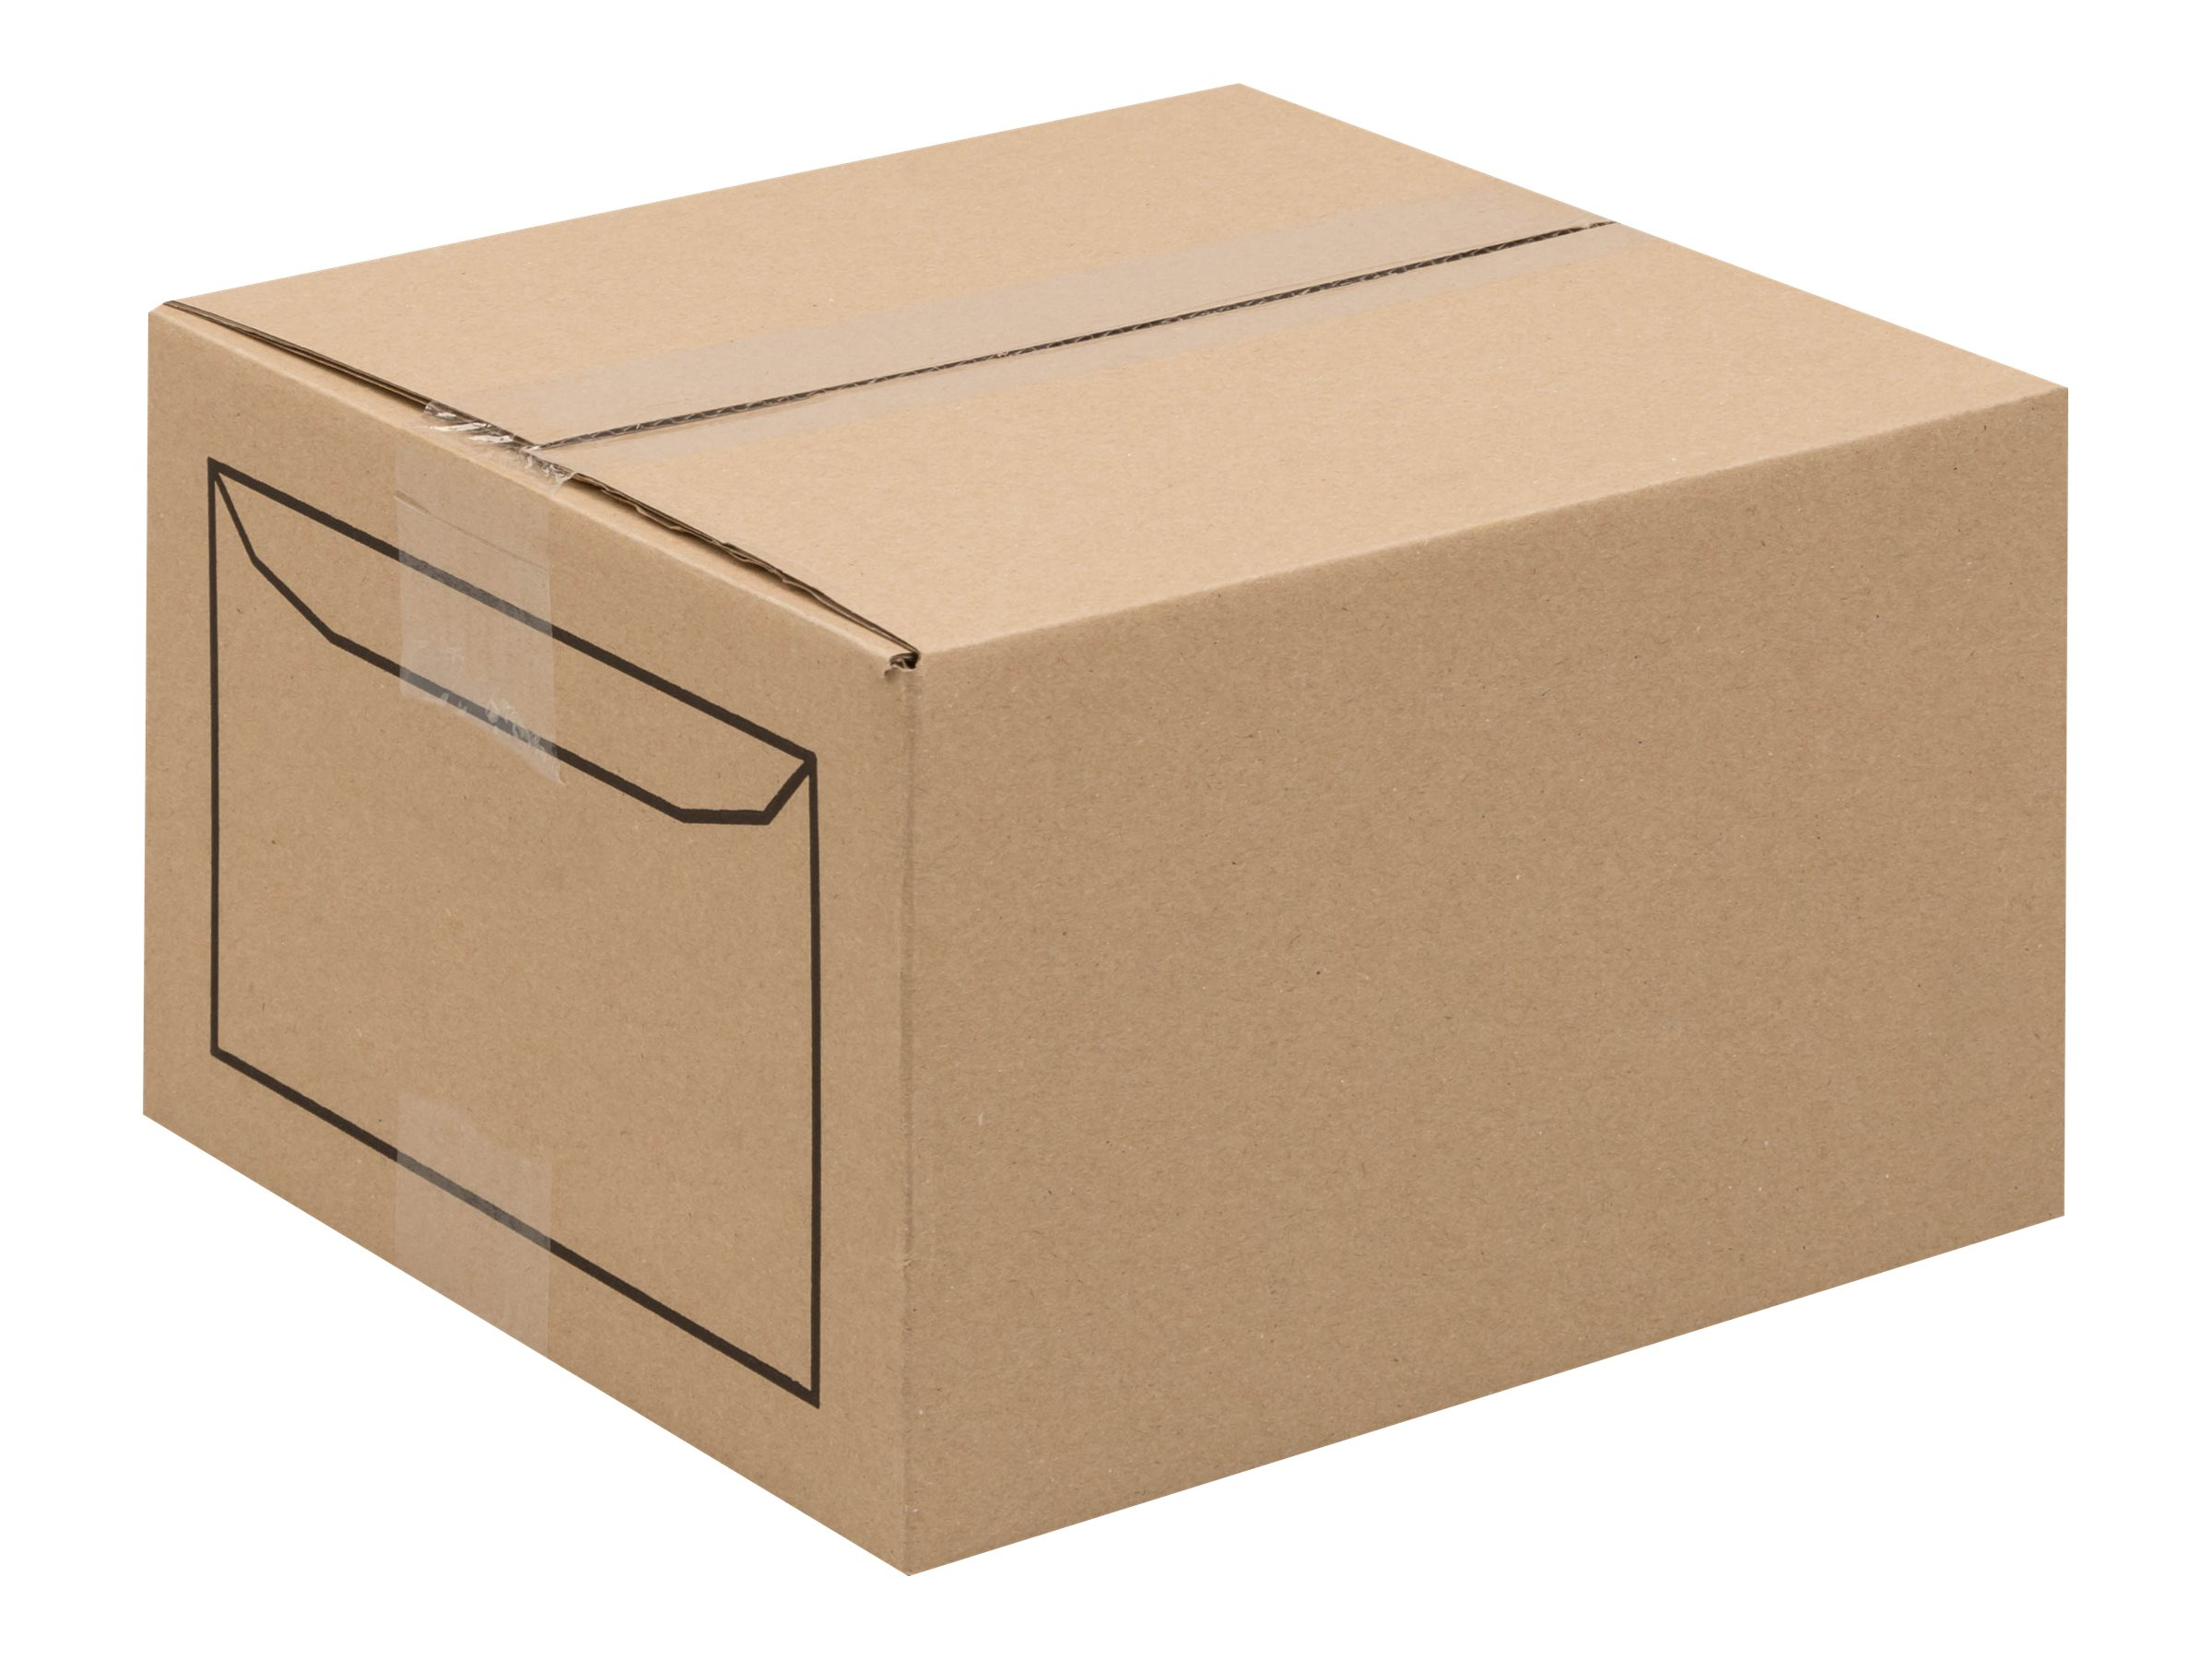 GPV Envel'Matic - 500 Enveloppes patte trapèze - C5 162 x 229 mm - 80 gr - fenêtre 45x100 mm - blanc